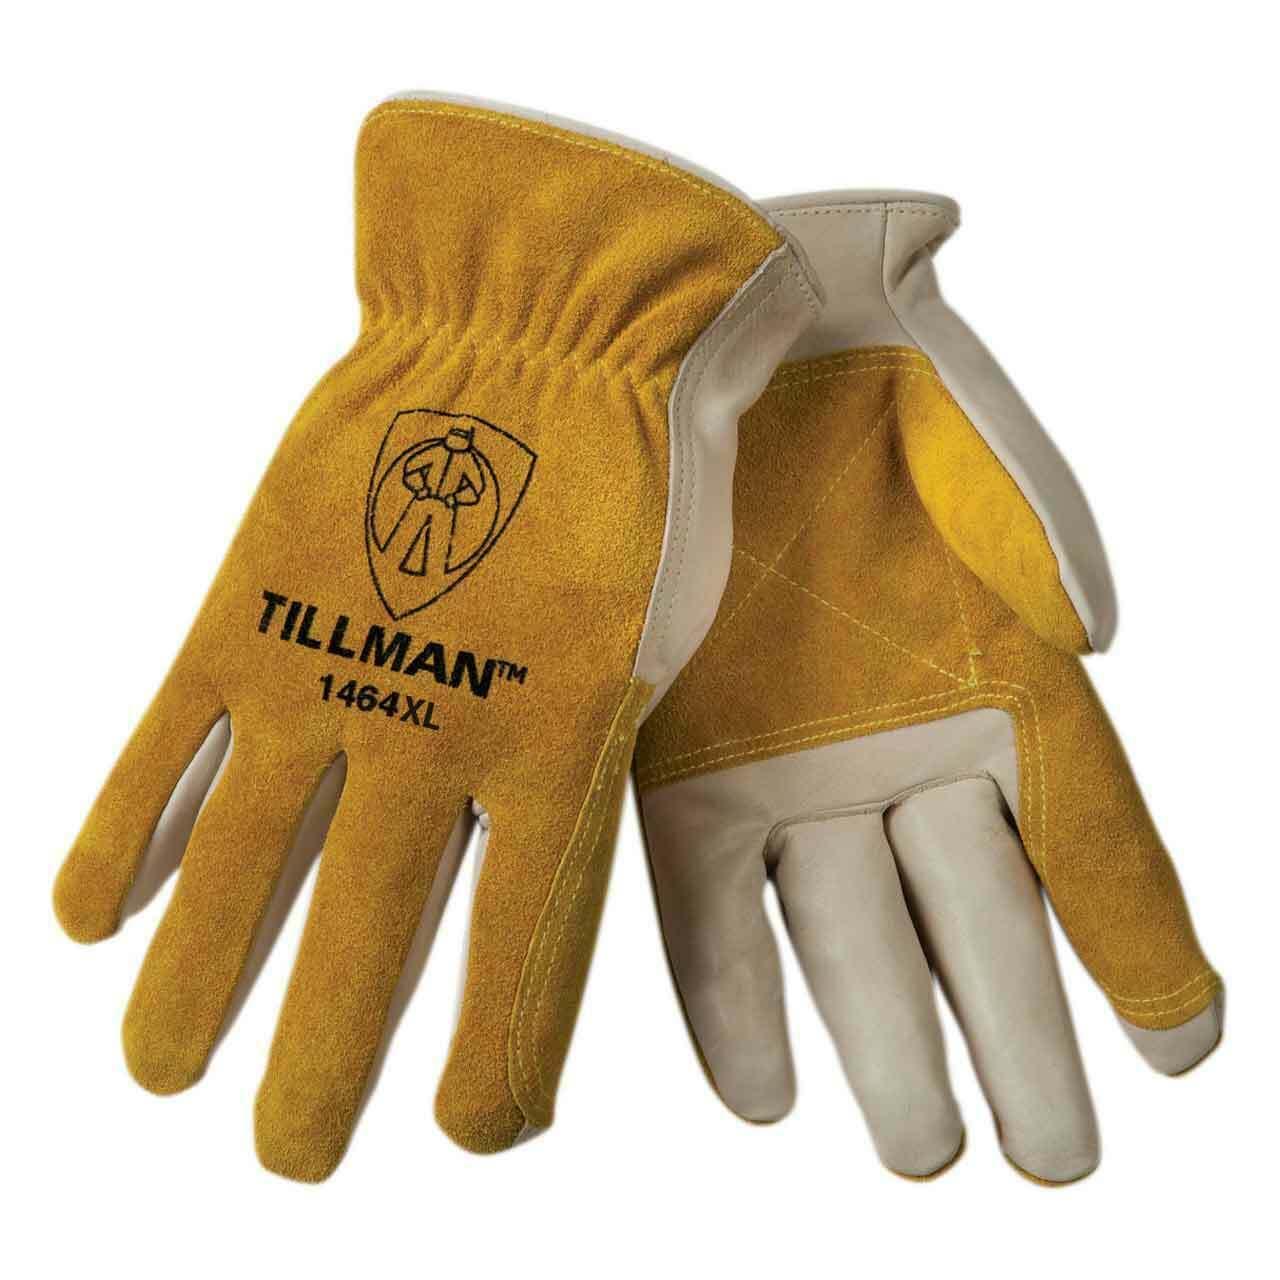 Tillman 1464 Top Grain Cowhide Split Palm Drivers Gloves Various Size SM-XXLarge Business & Industrial